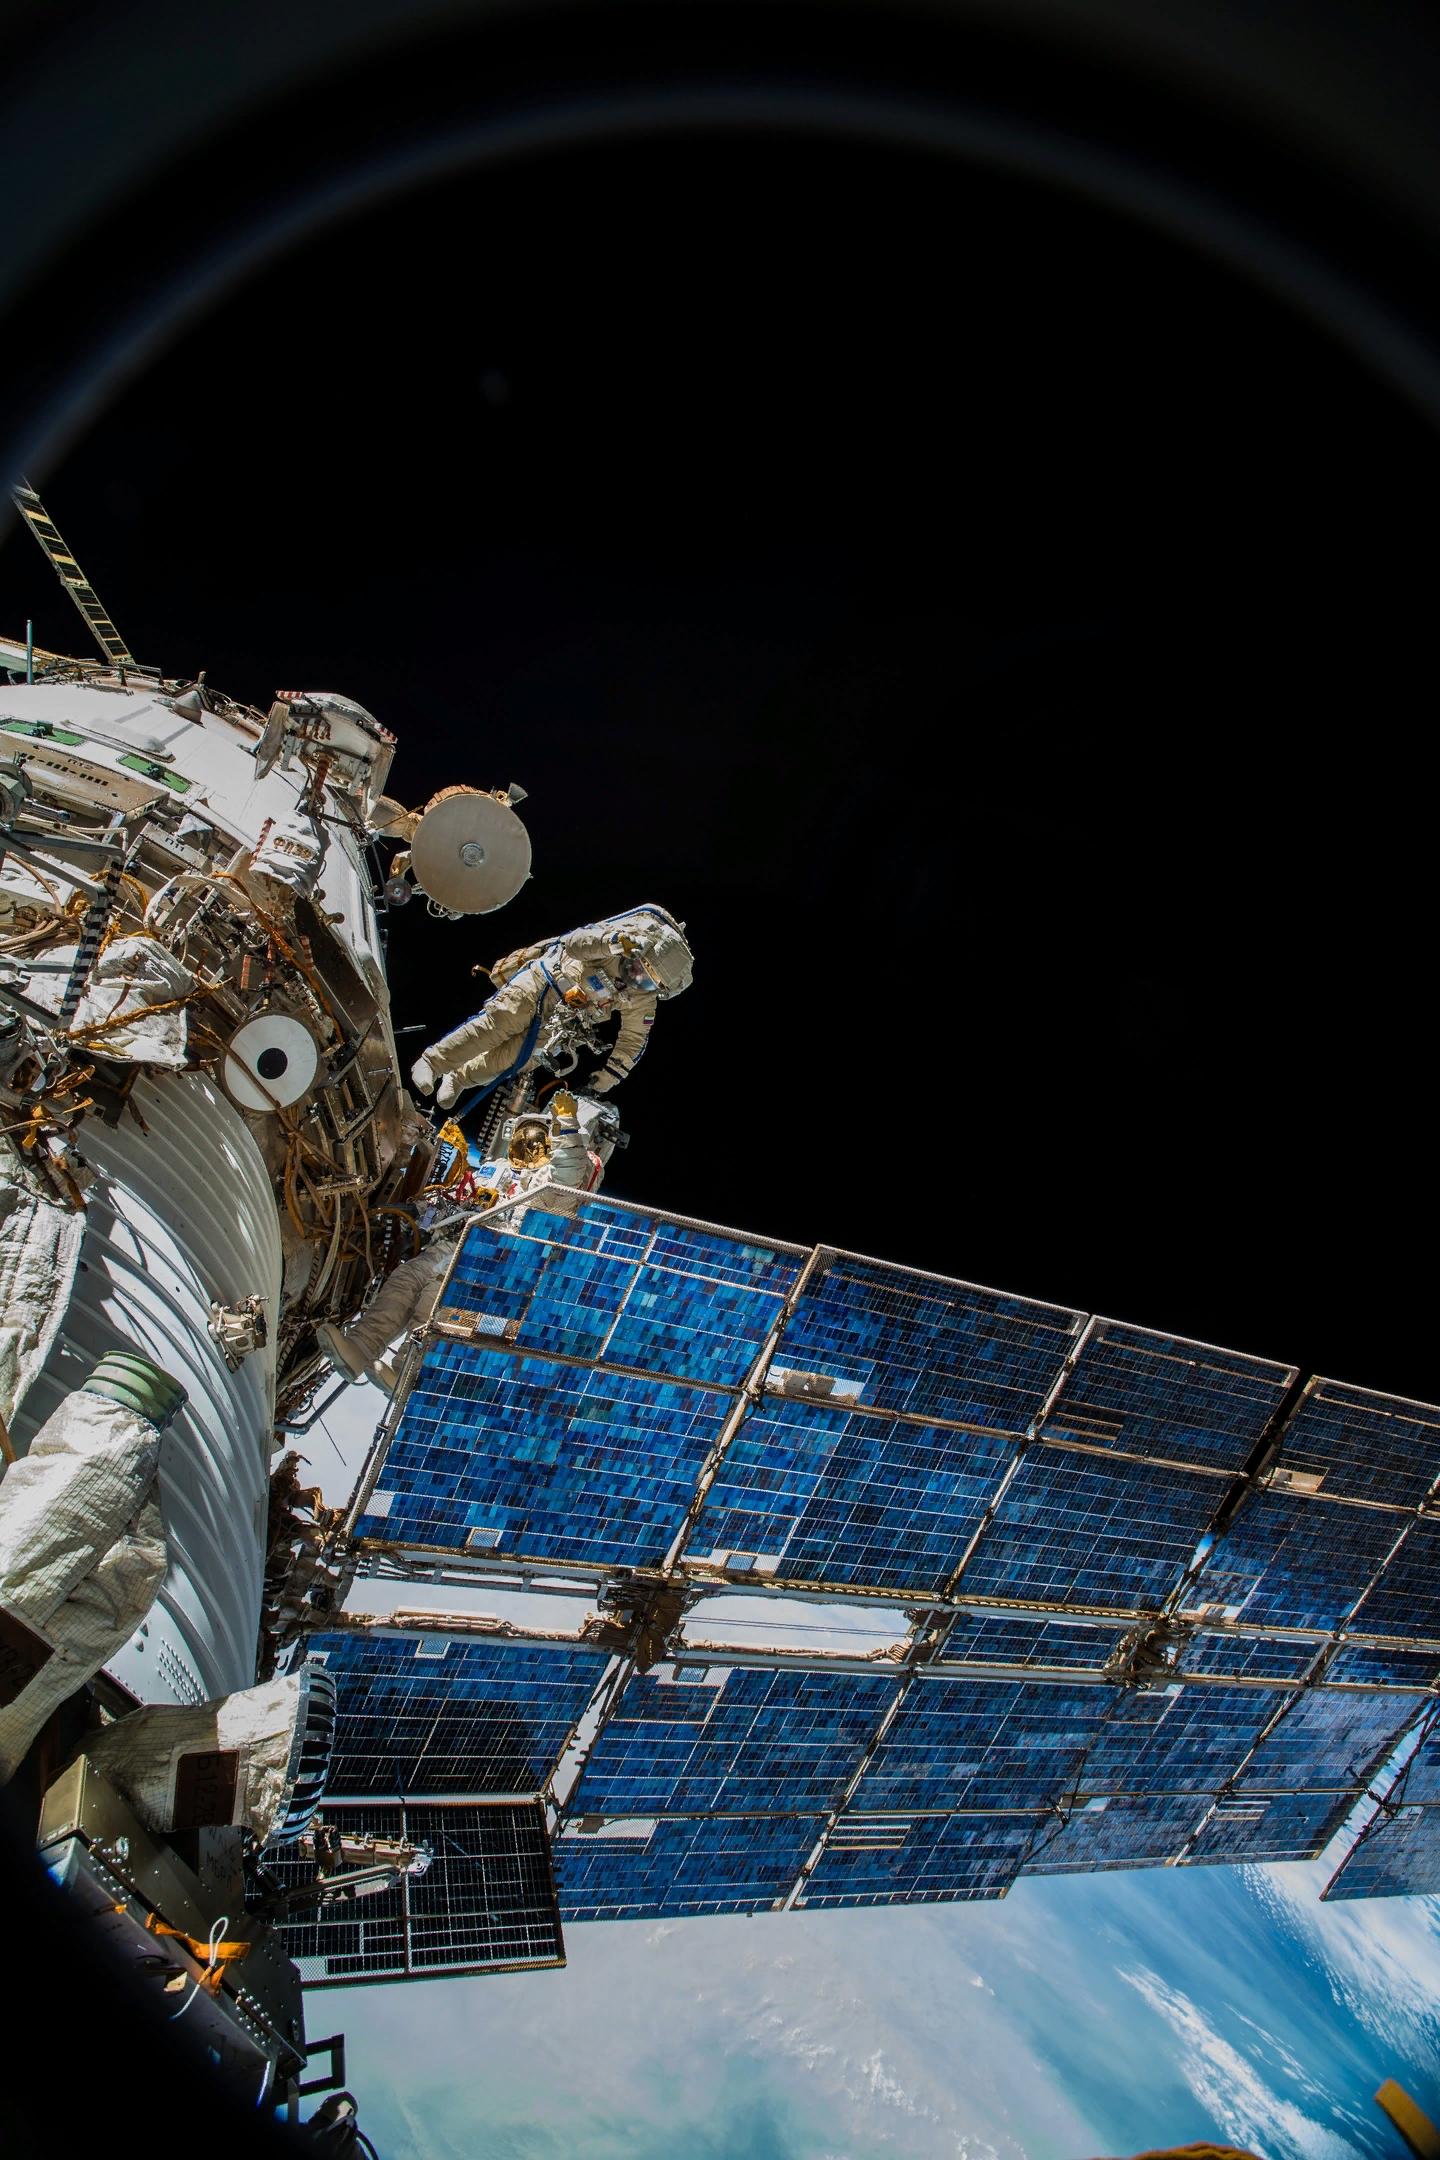 виден датчик непосредственно  в космосе